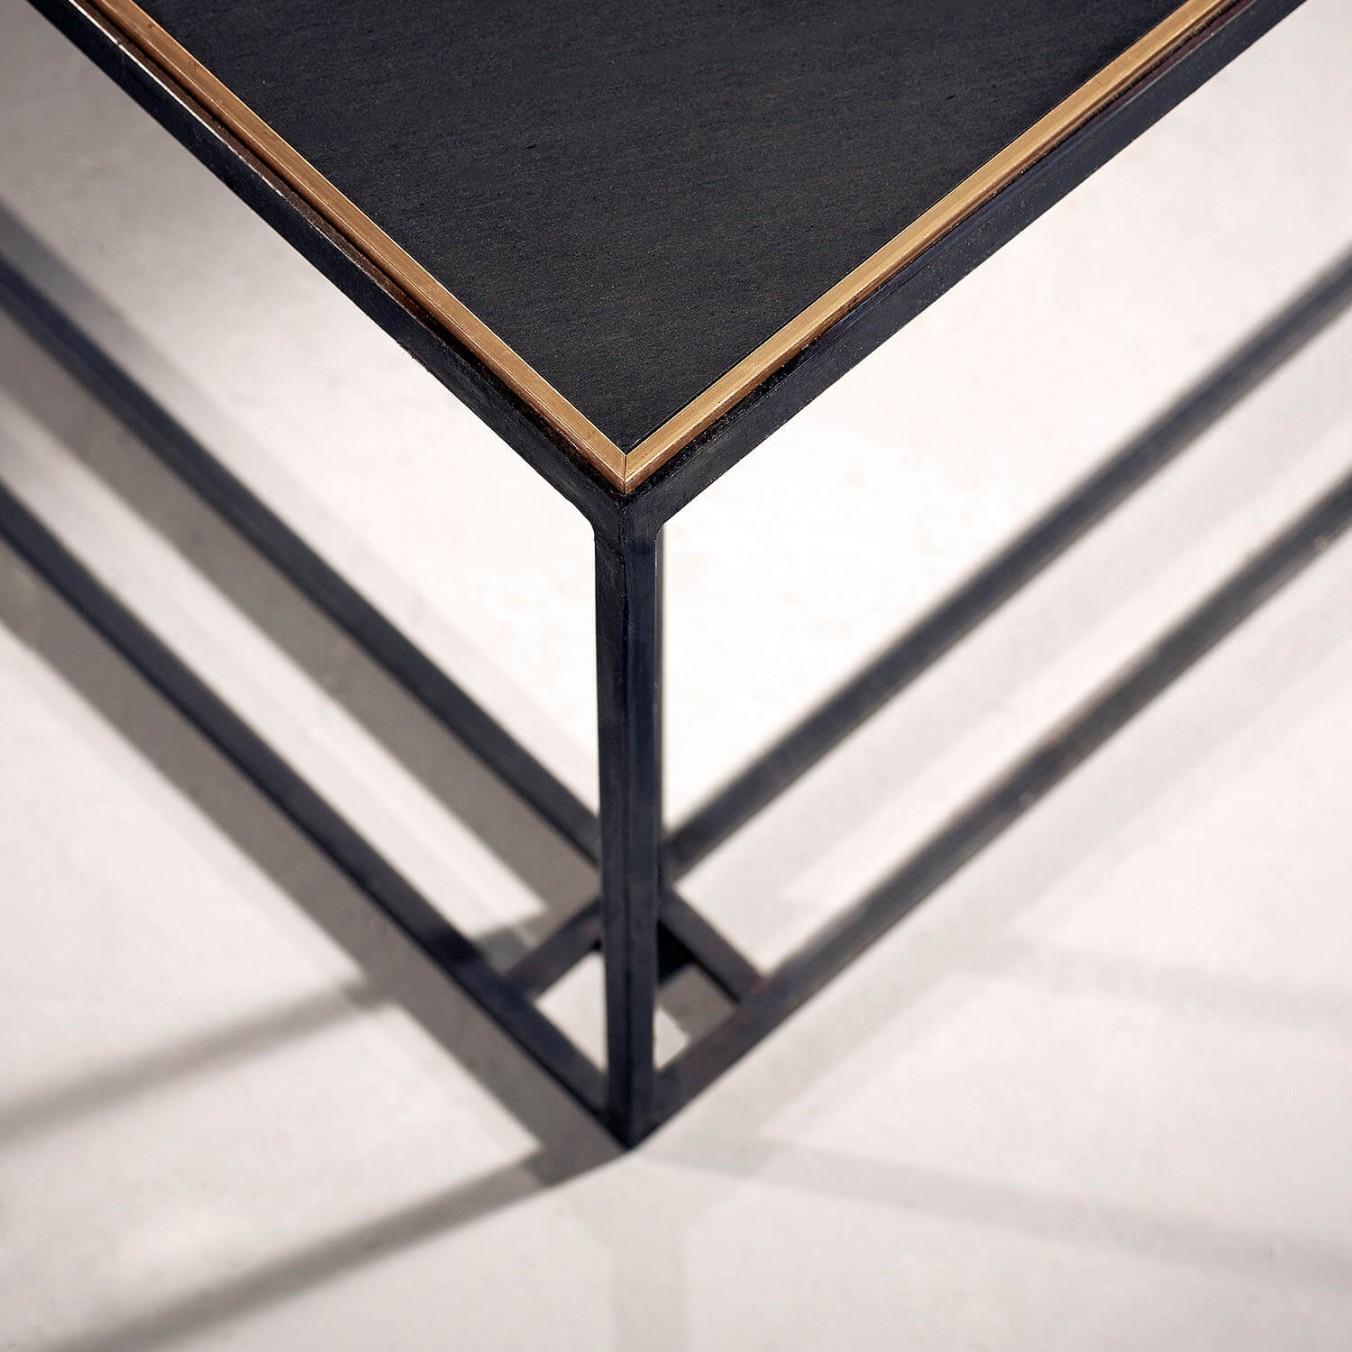 BINATE Coffee Table